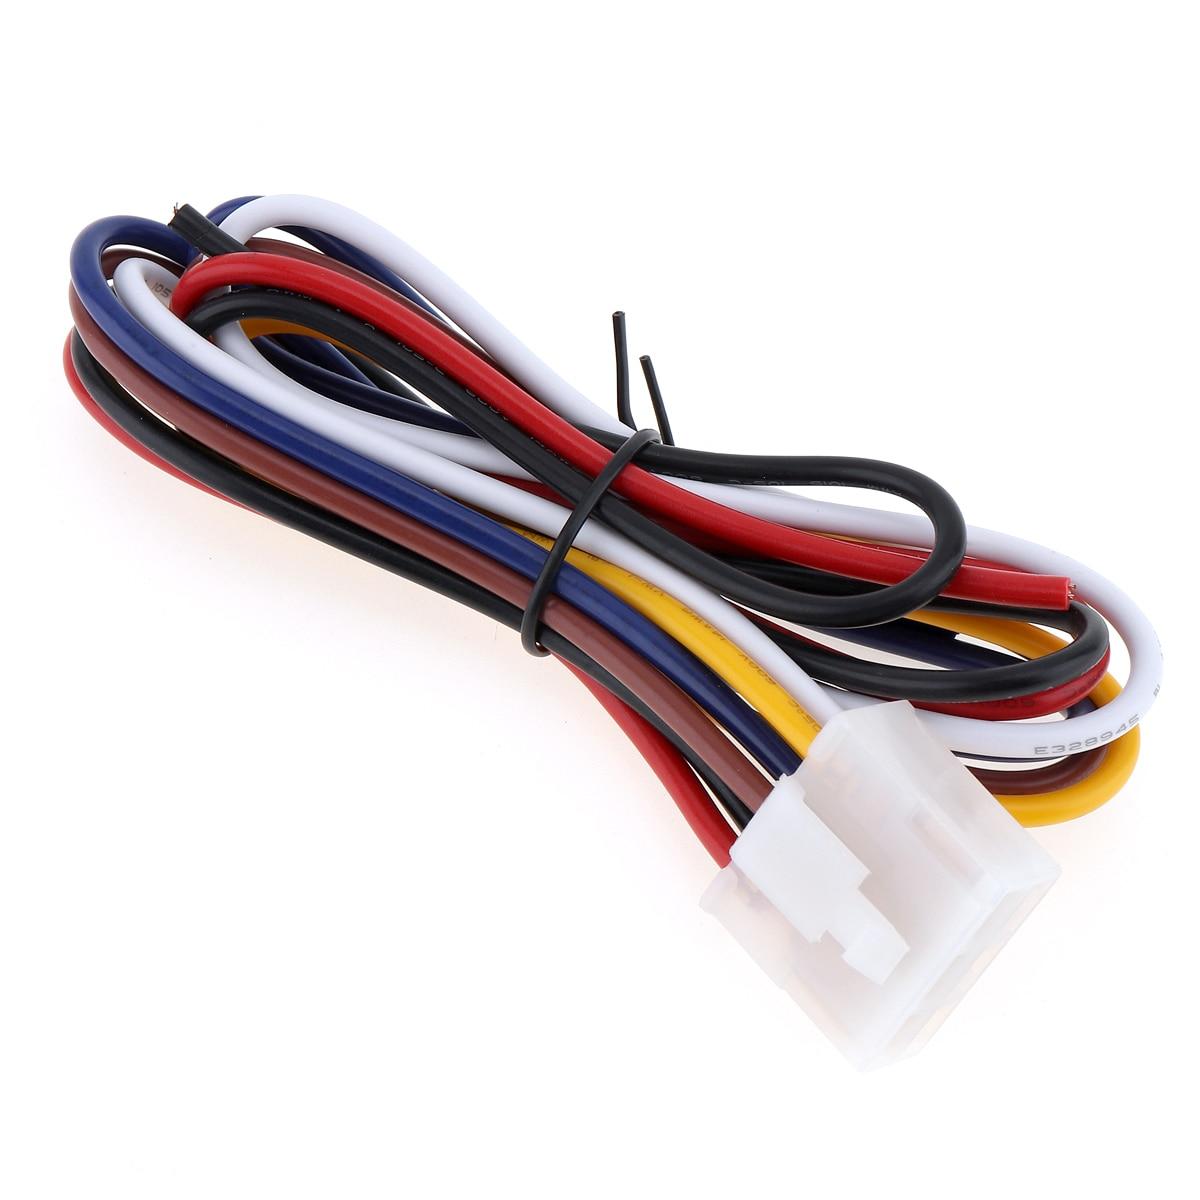 Smart Auto voiture alarme moteur Starline bouton poussoir démarrage arrêt RFID serrure interrupteur d'allumage sans clé système d'entrée démarreur Anti-vol - 6